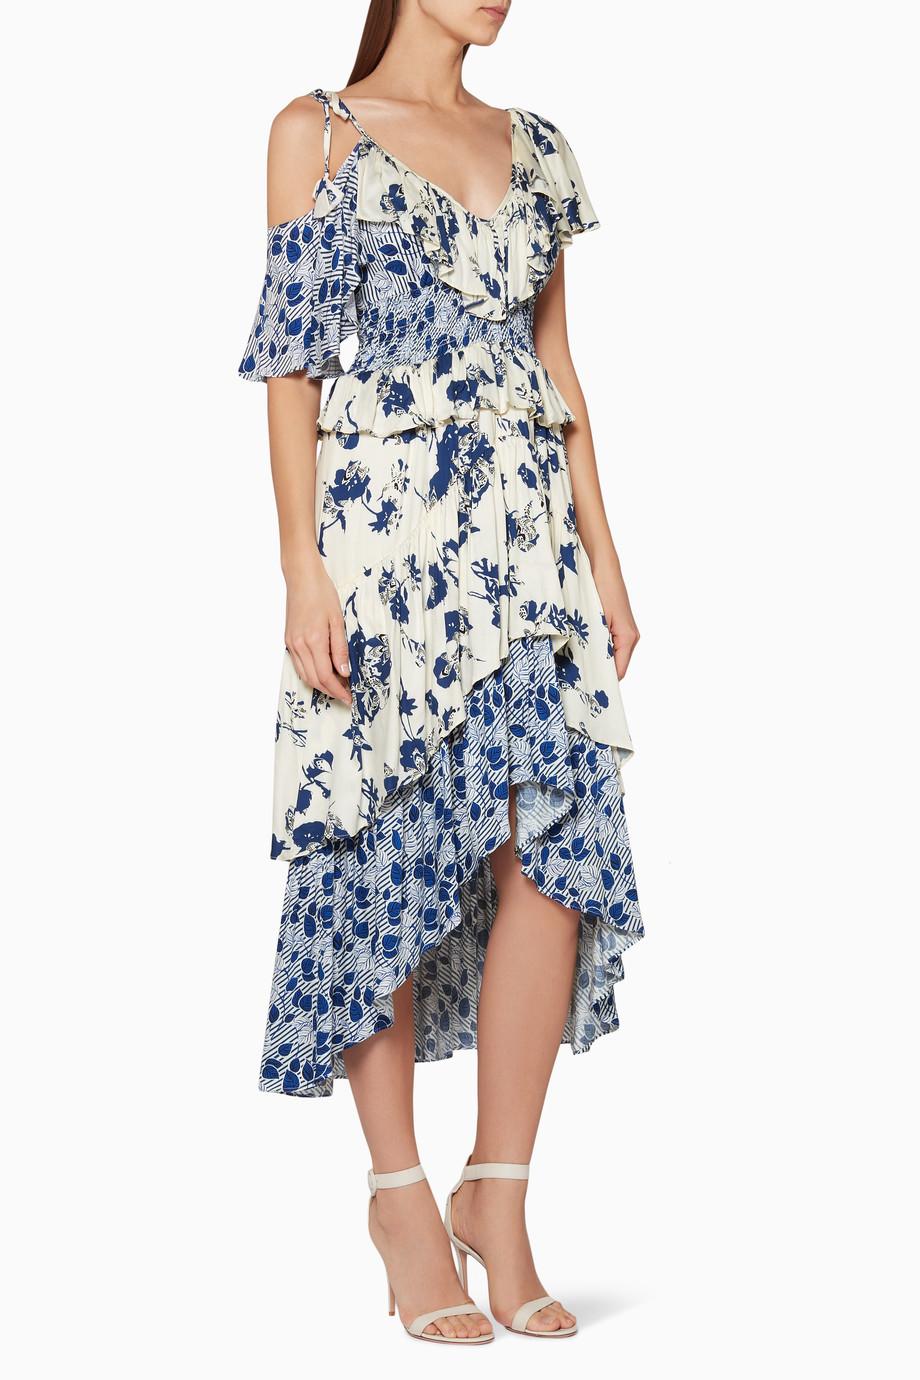 dd074a743c45f تسوق فستان ليف متوسط الطول مطبوع أبيض وأزرق MISA أزرق للنساء